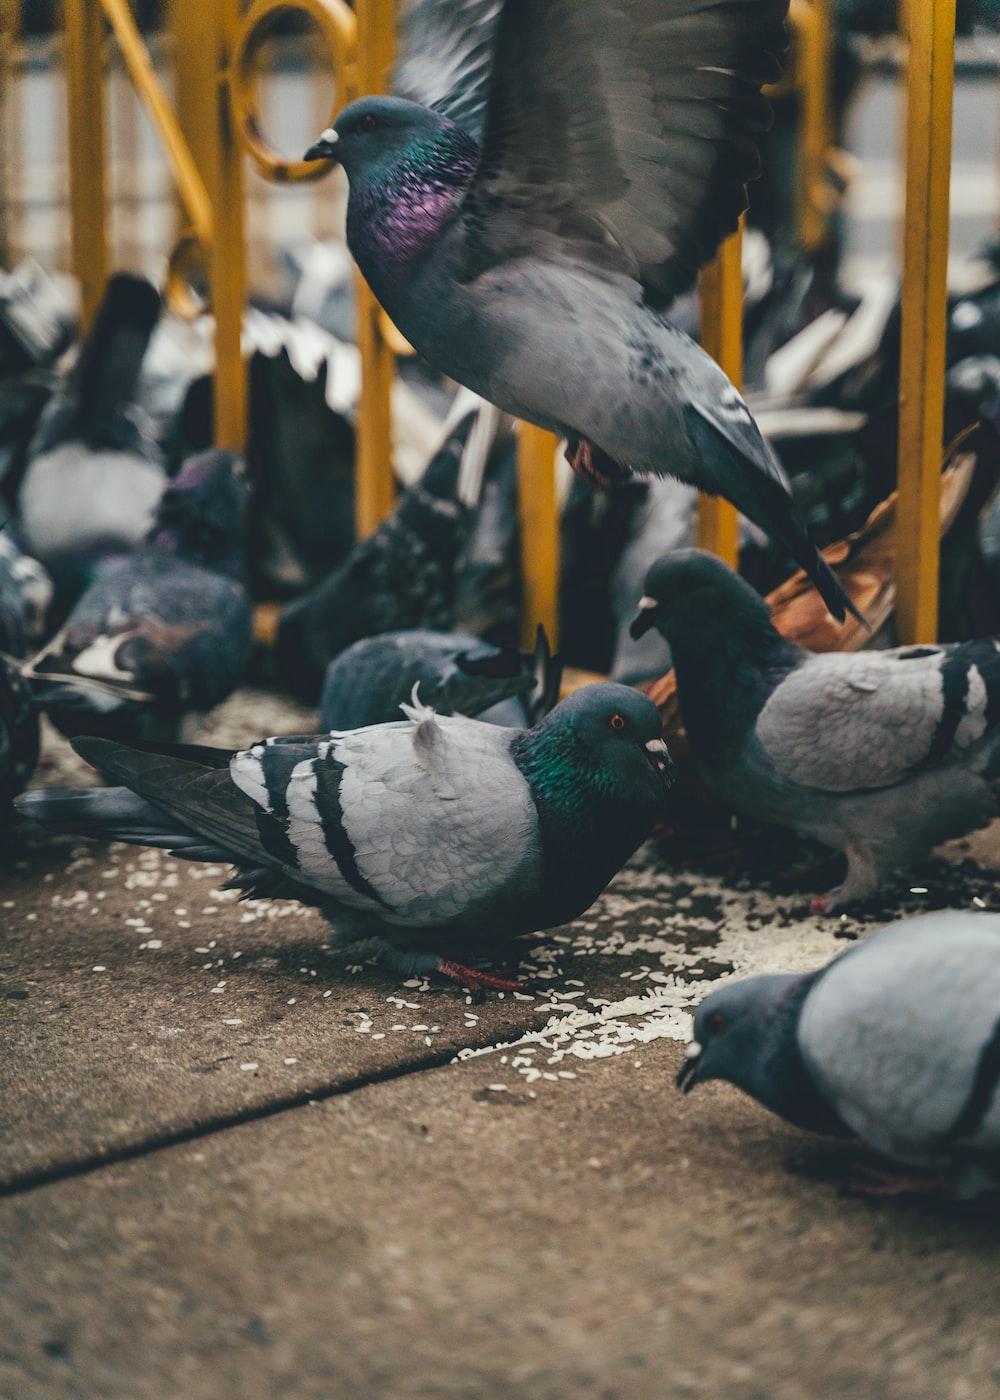 pigeons eating food